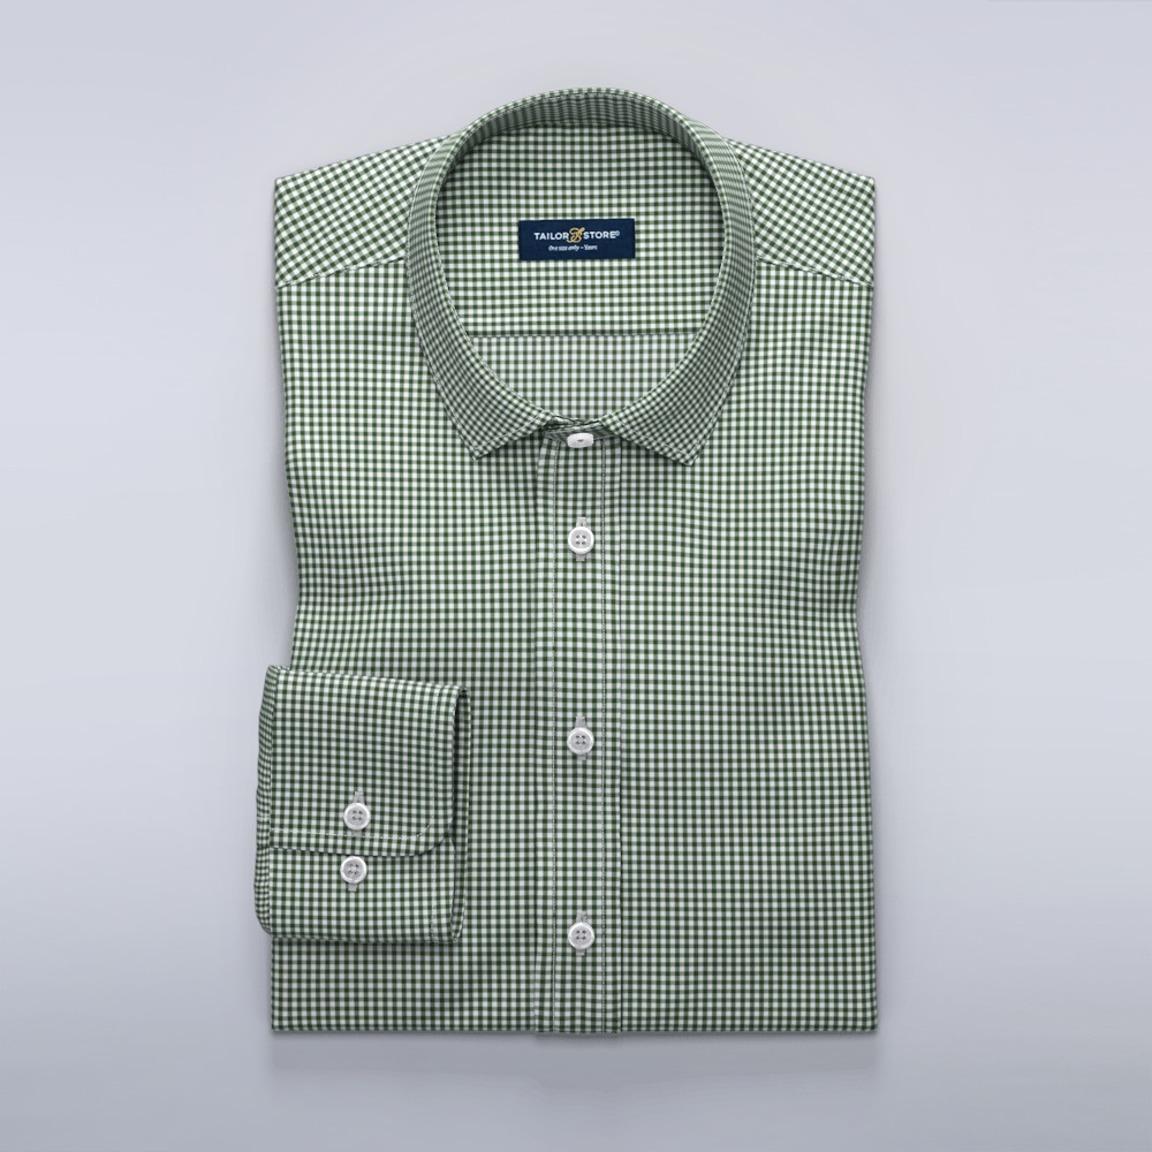 Grönrutig businesskjorta